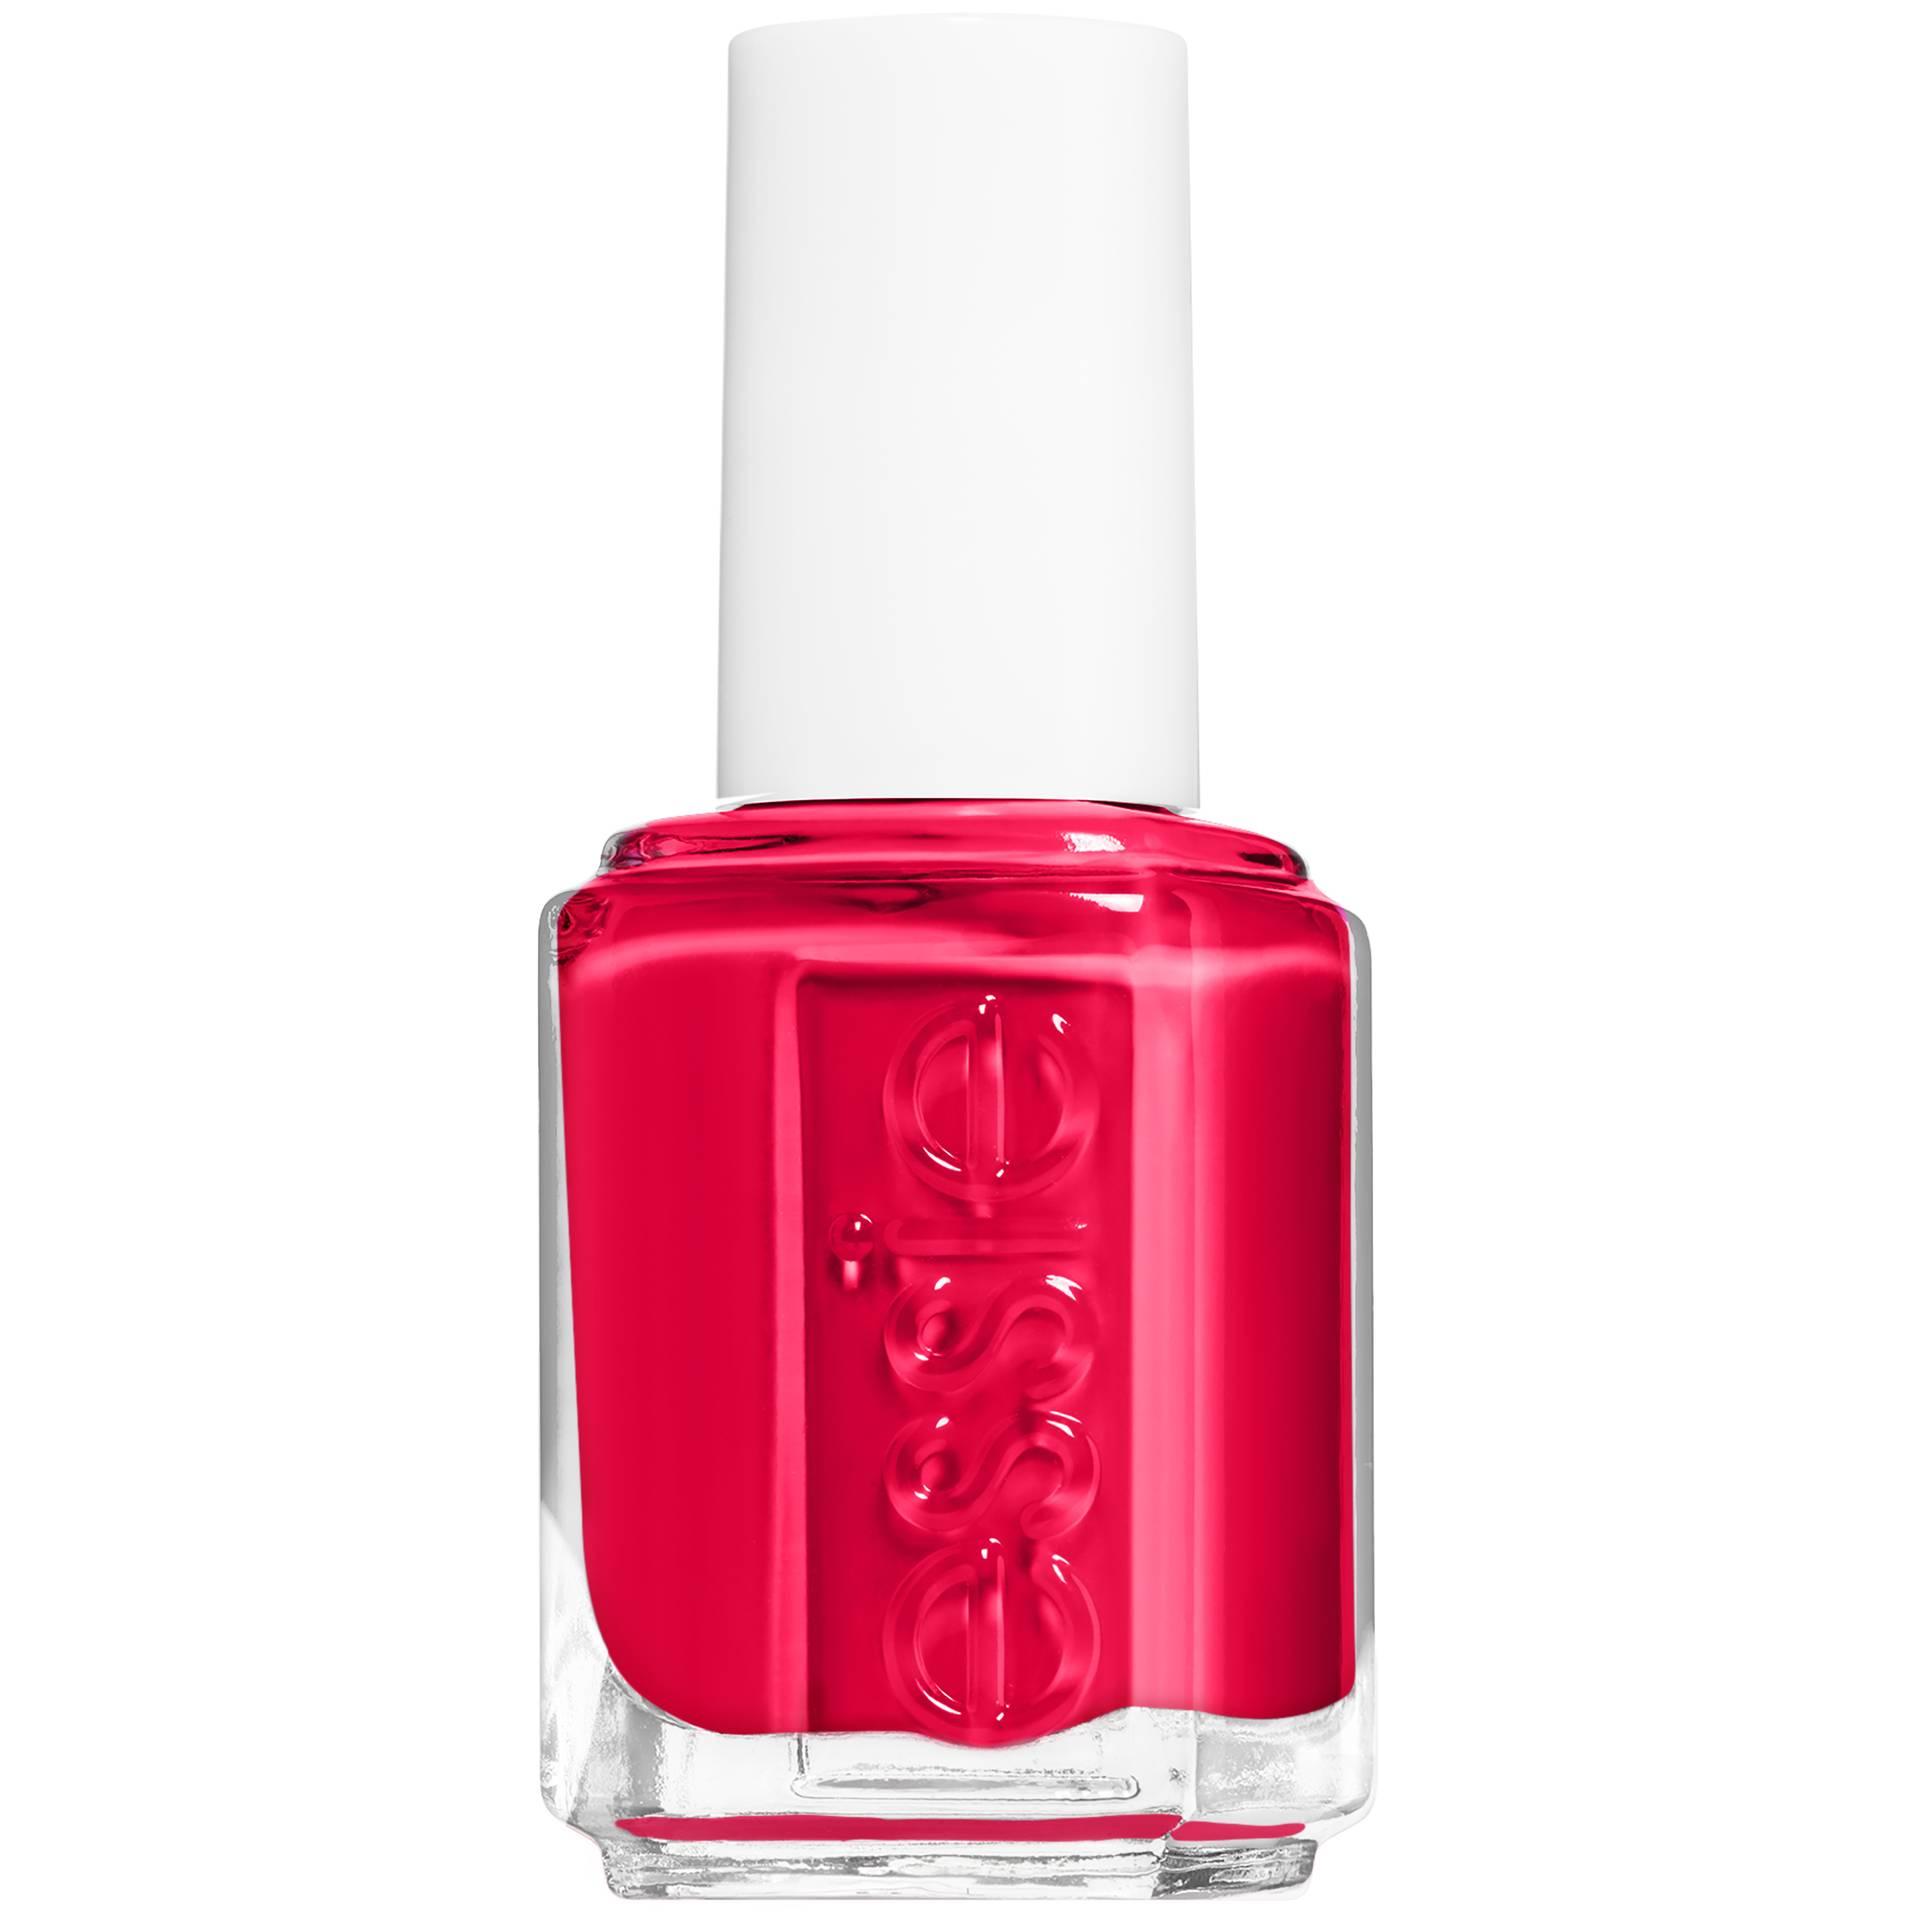 Candy Apple Red Nail Polish & Nail Color